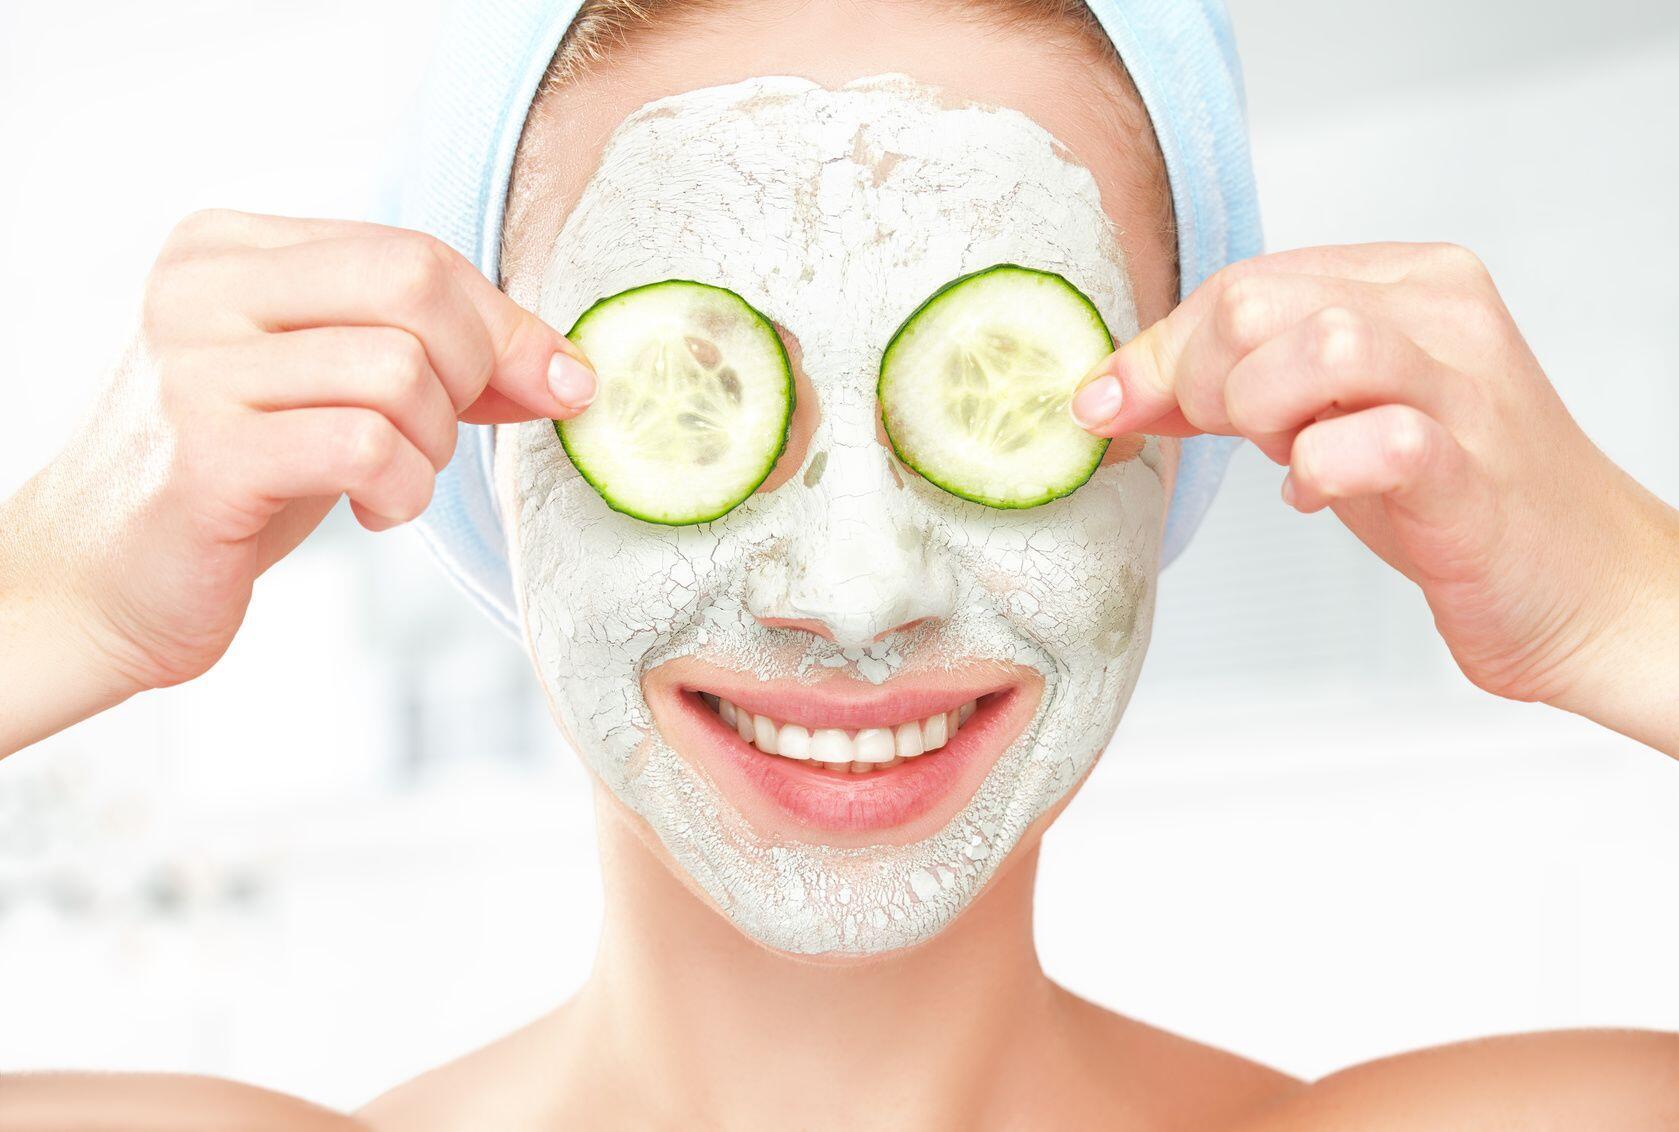 Simpel, 7 Masker Ini Bisa Dibuat Sendiri dan Efektif Melembutkan Wajah